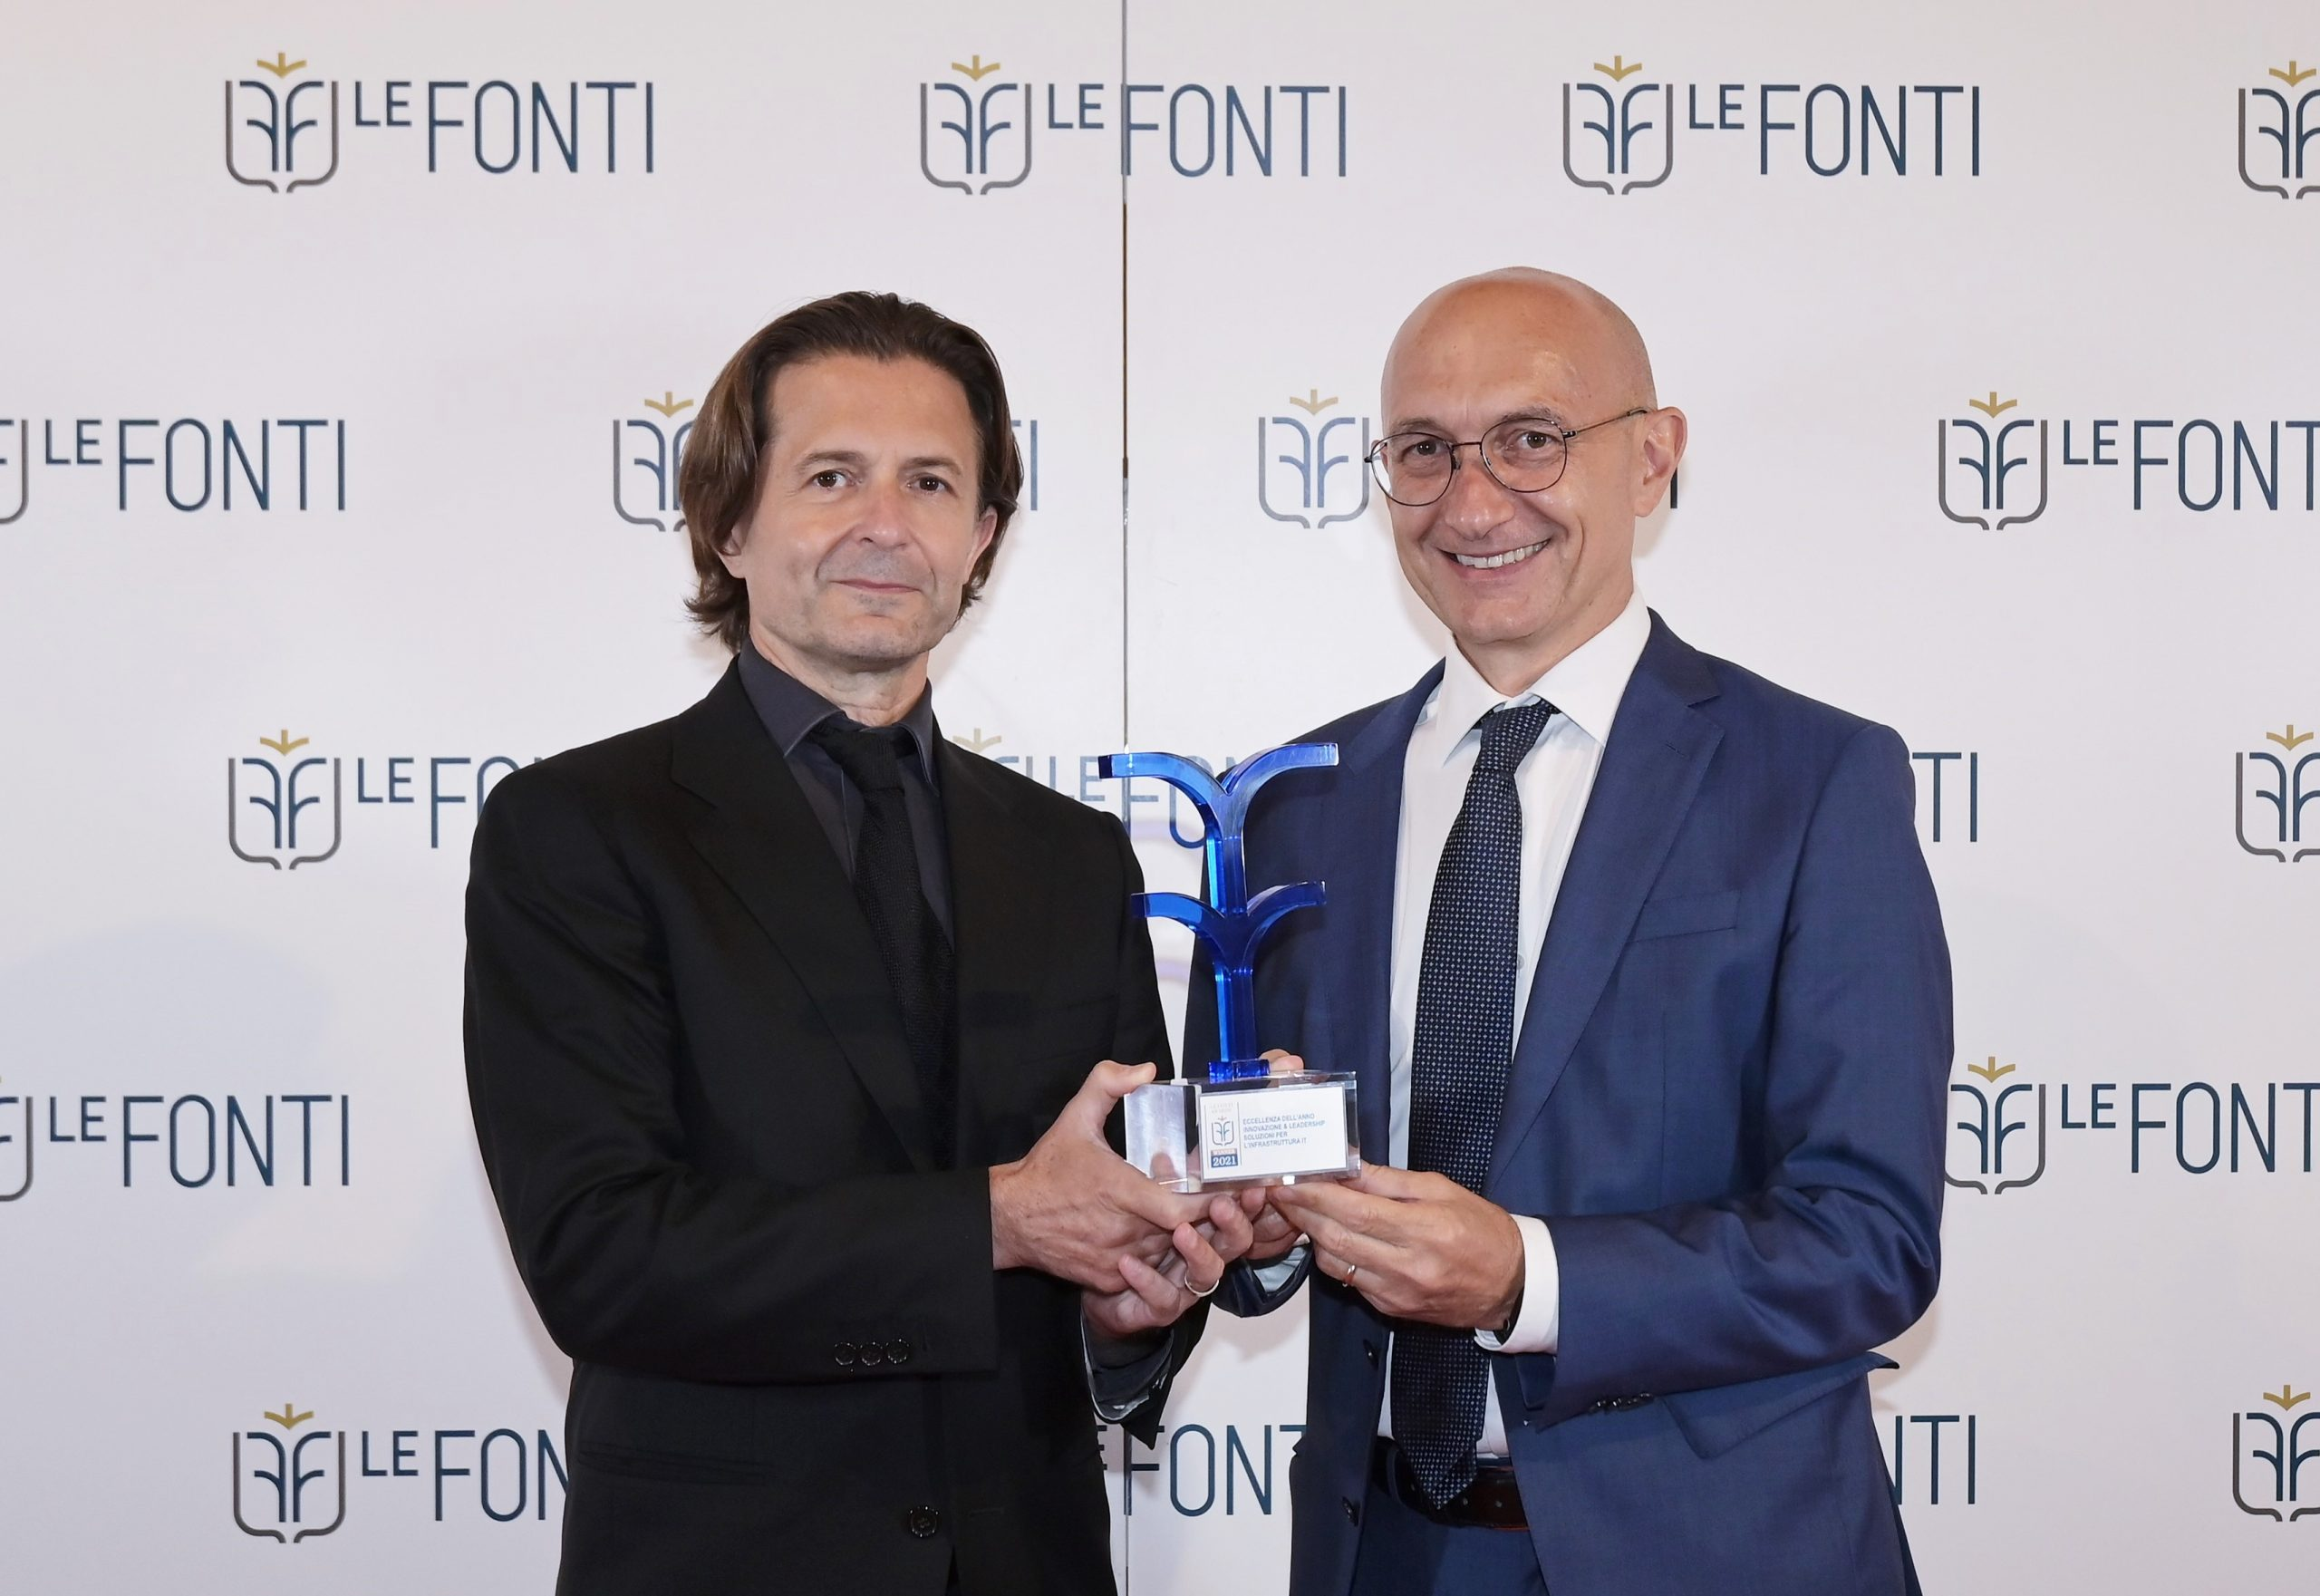 Veriv Le Fonti Awards Italy 2021